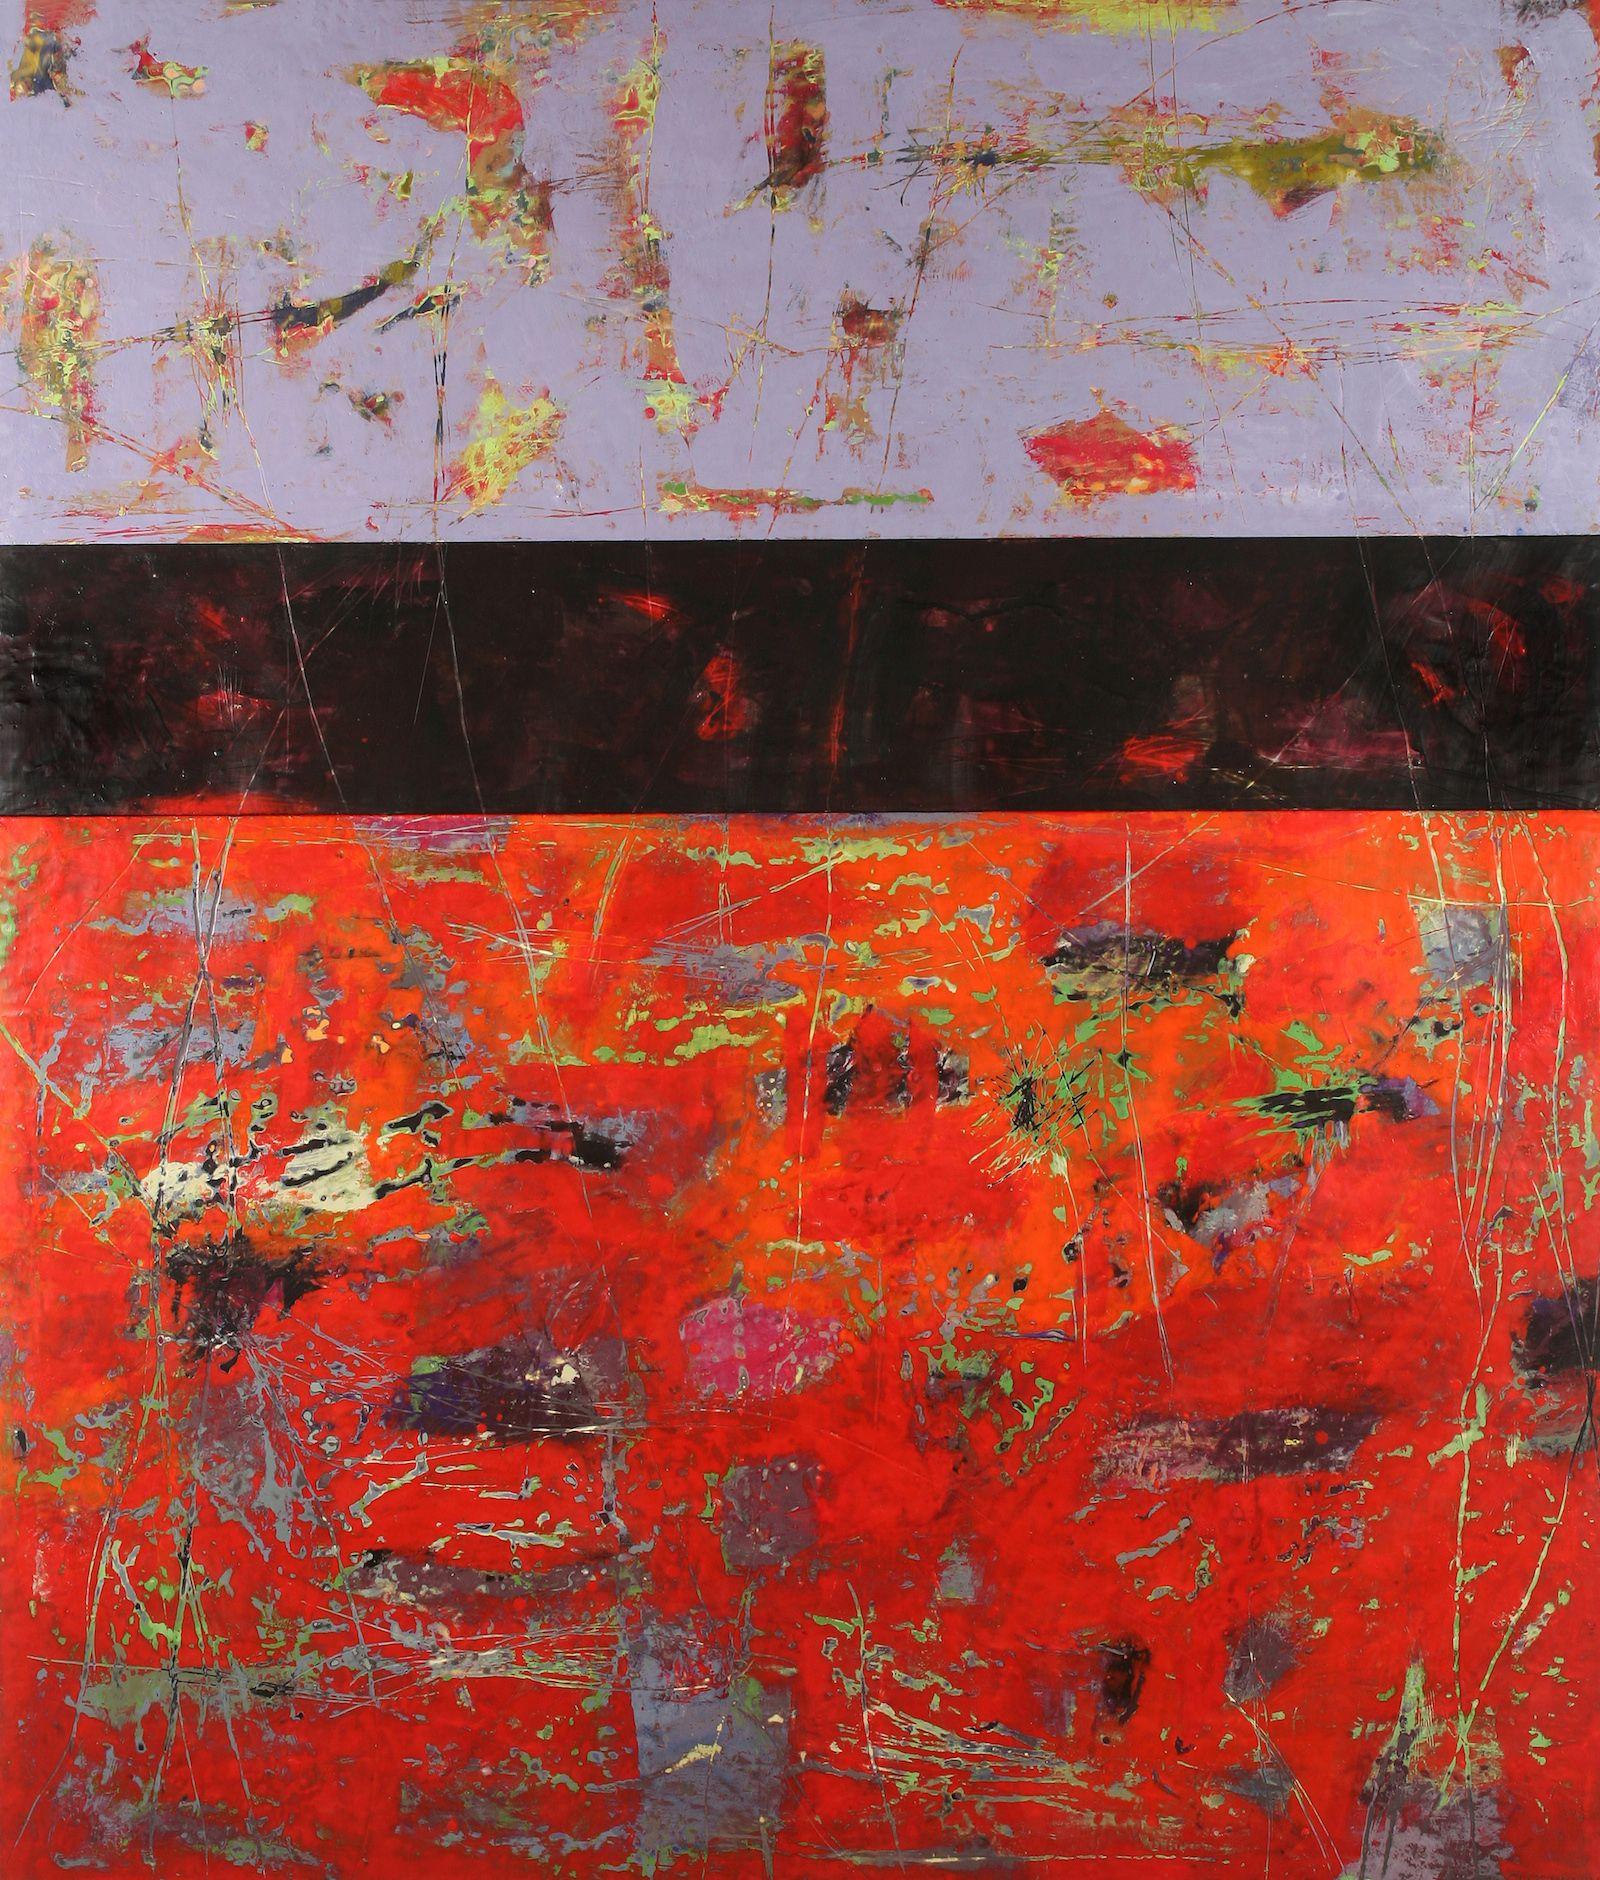 TRIPTYCH 2, 78x48 in, encaustic on plywood, 2010. Su Sheedy